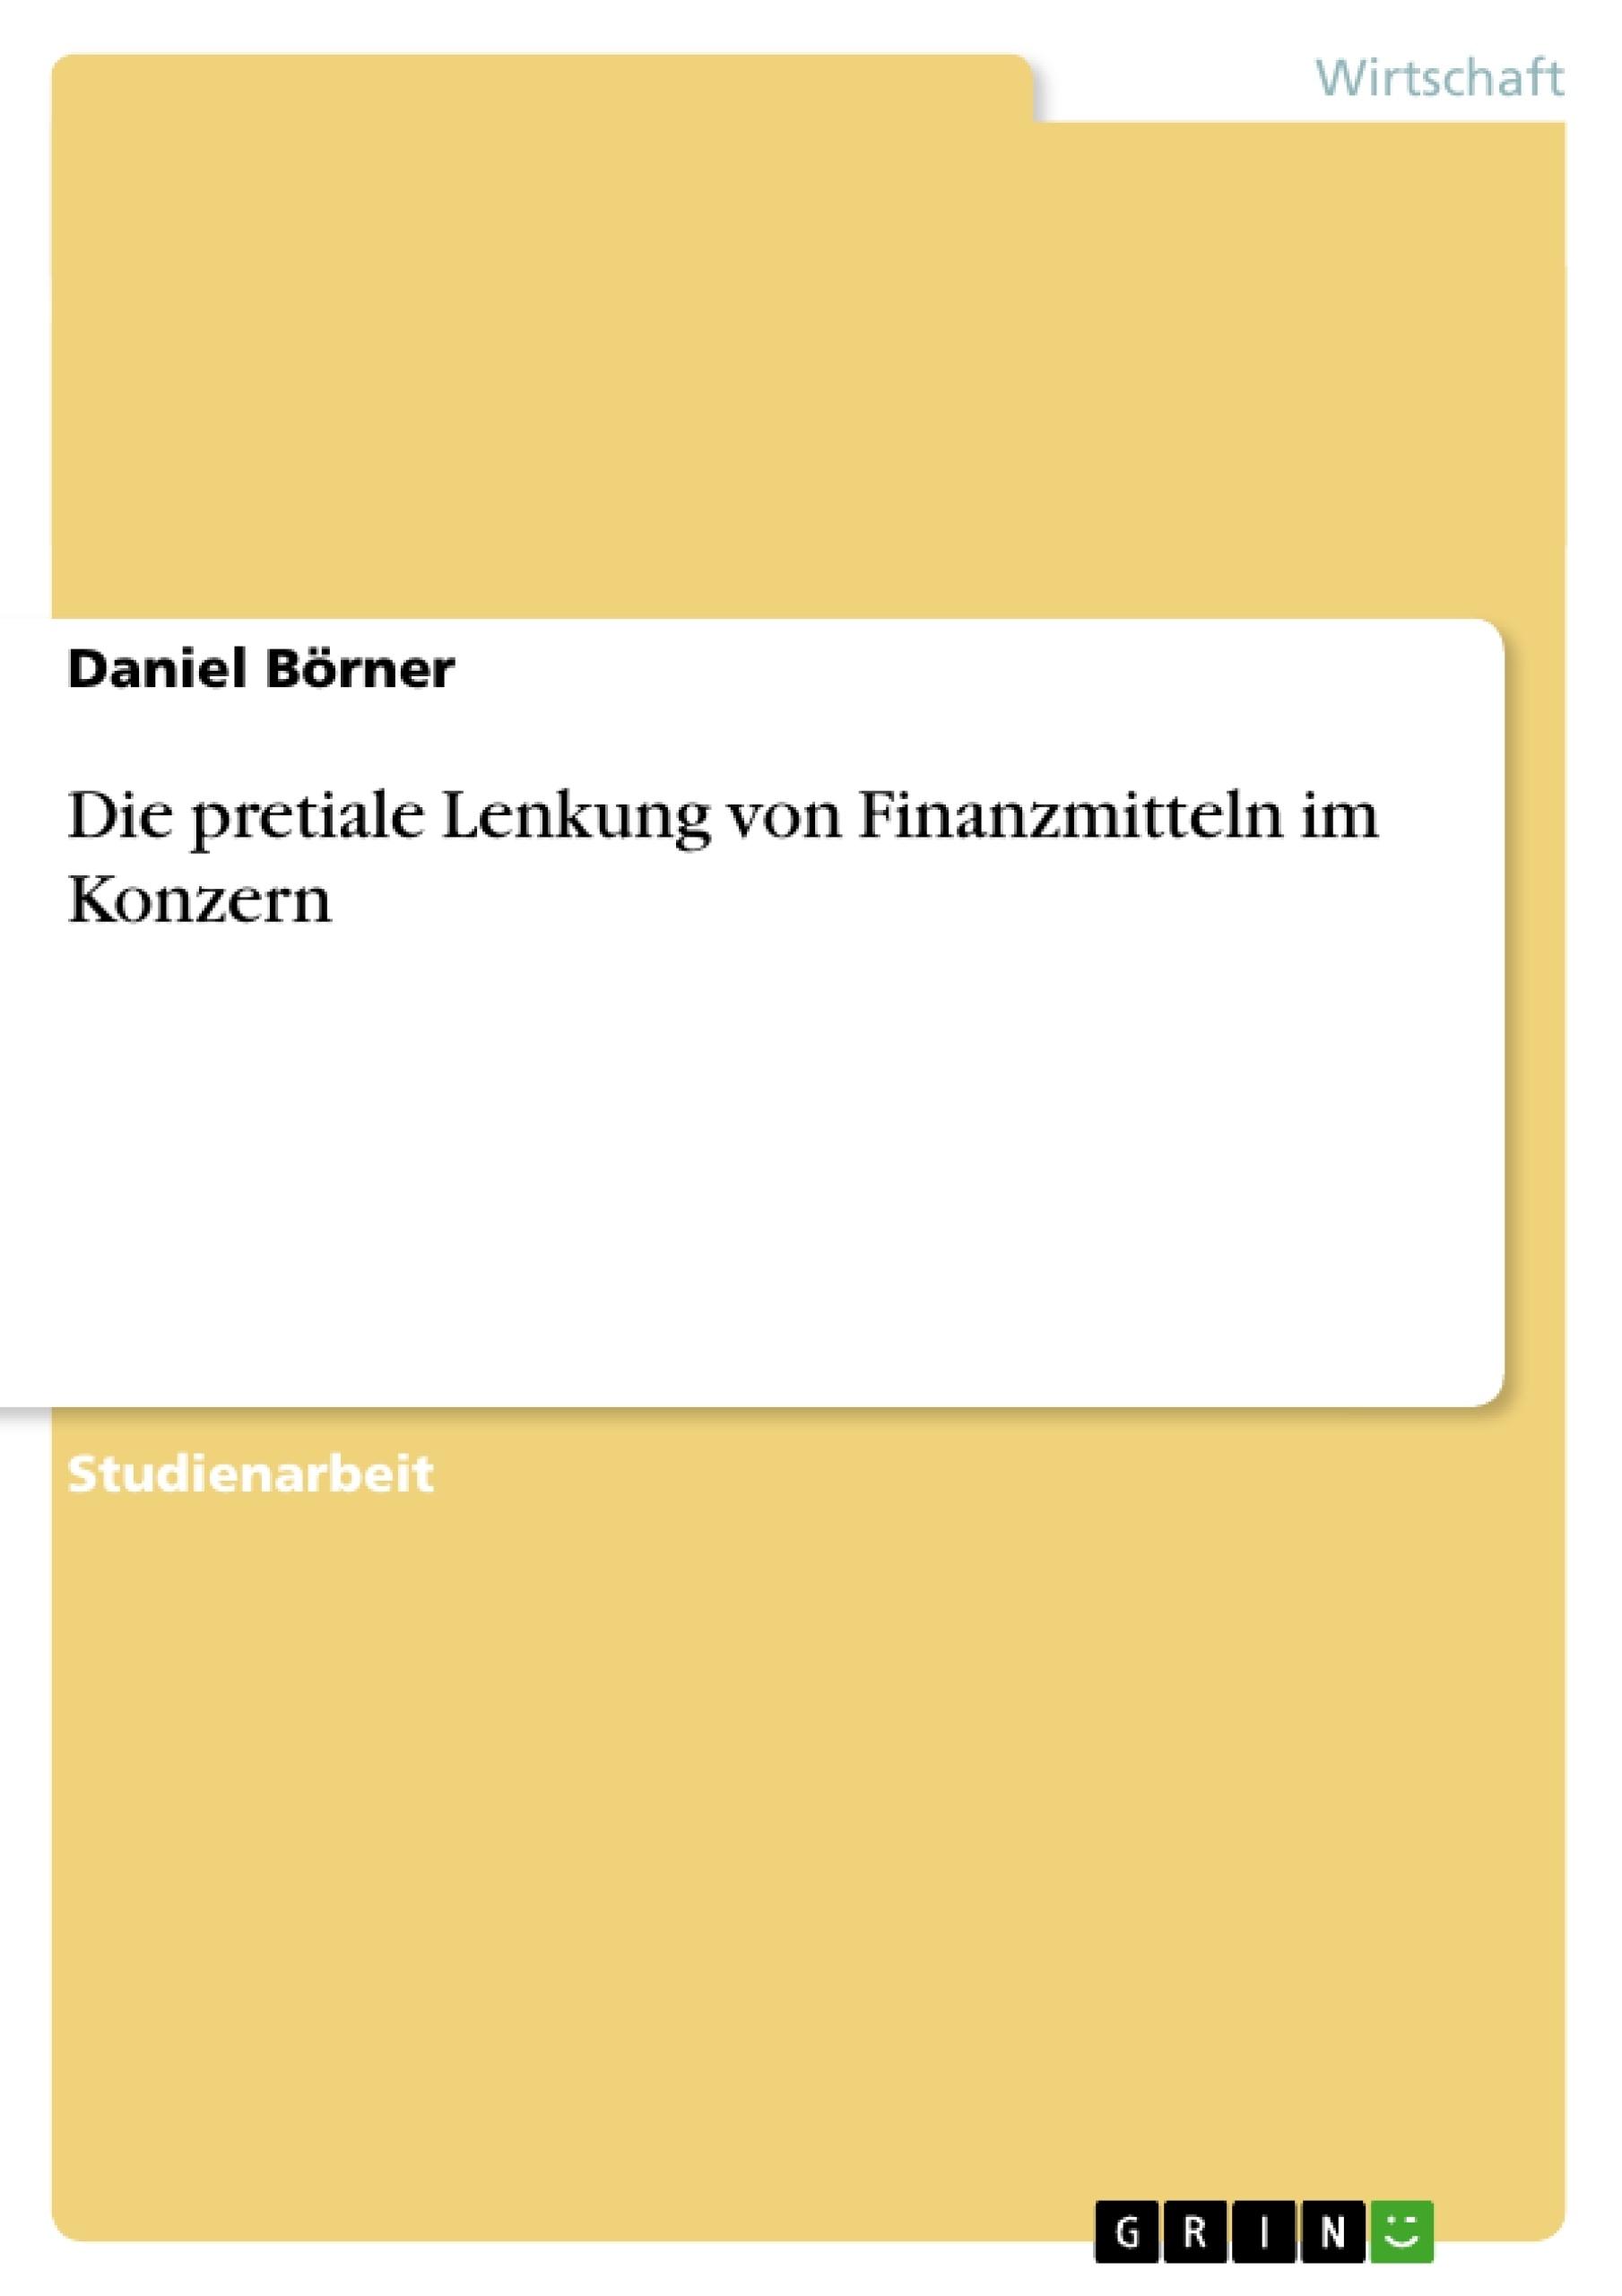 Titel: Die pretiale Lenkung von Finanzmitteln im Konzern